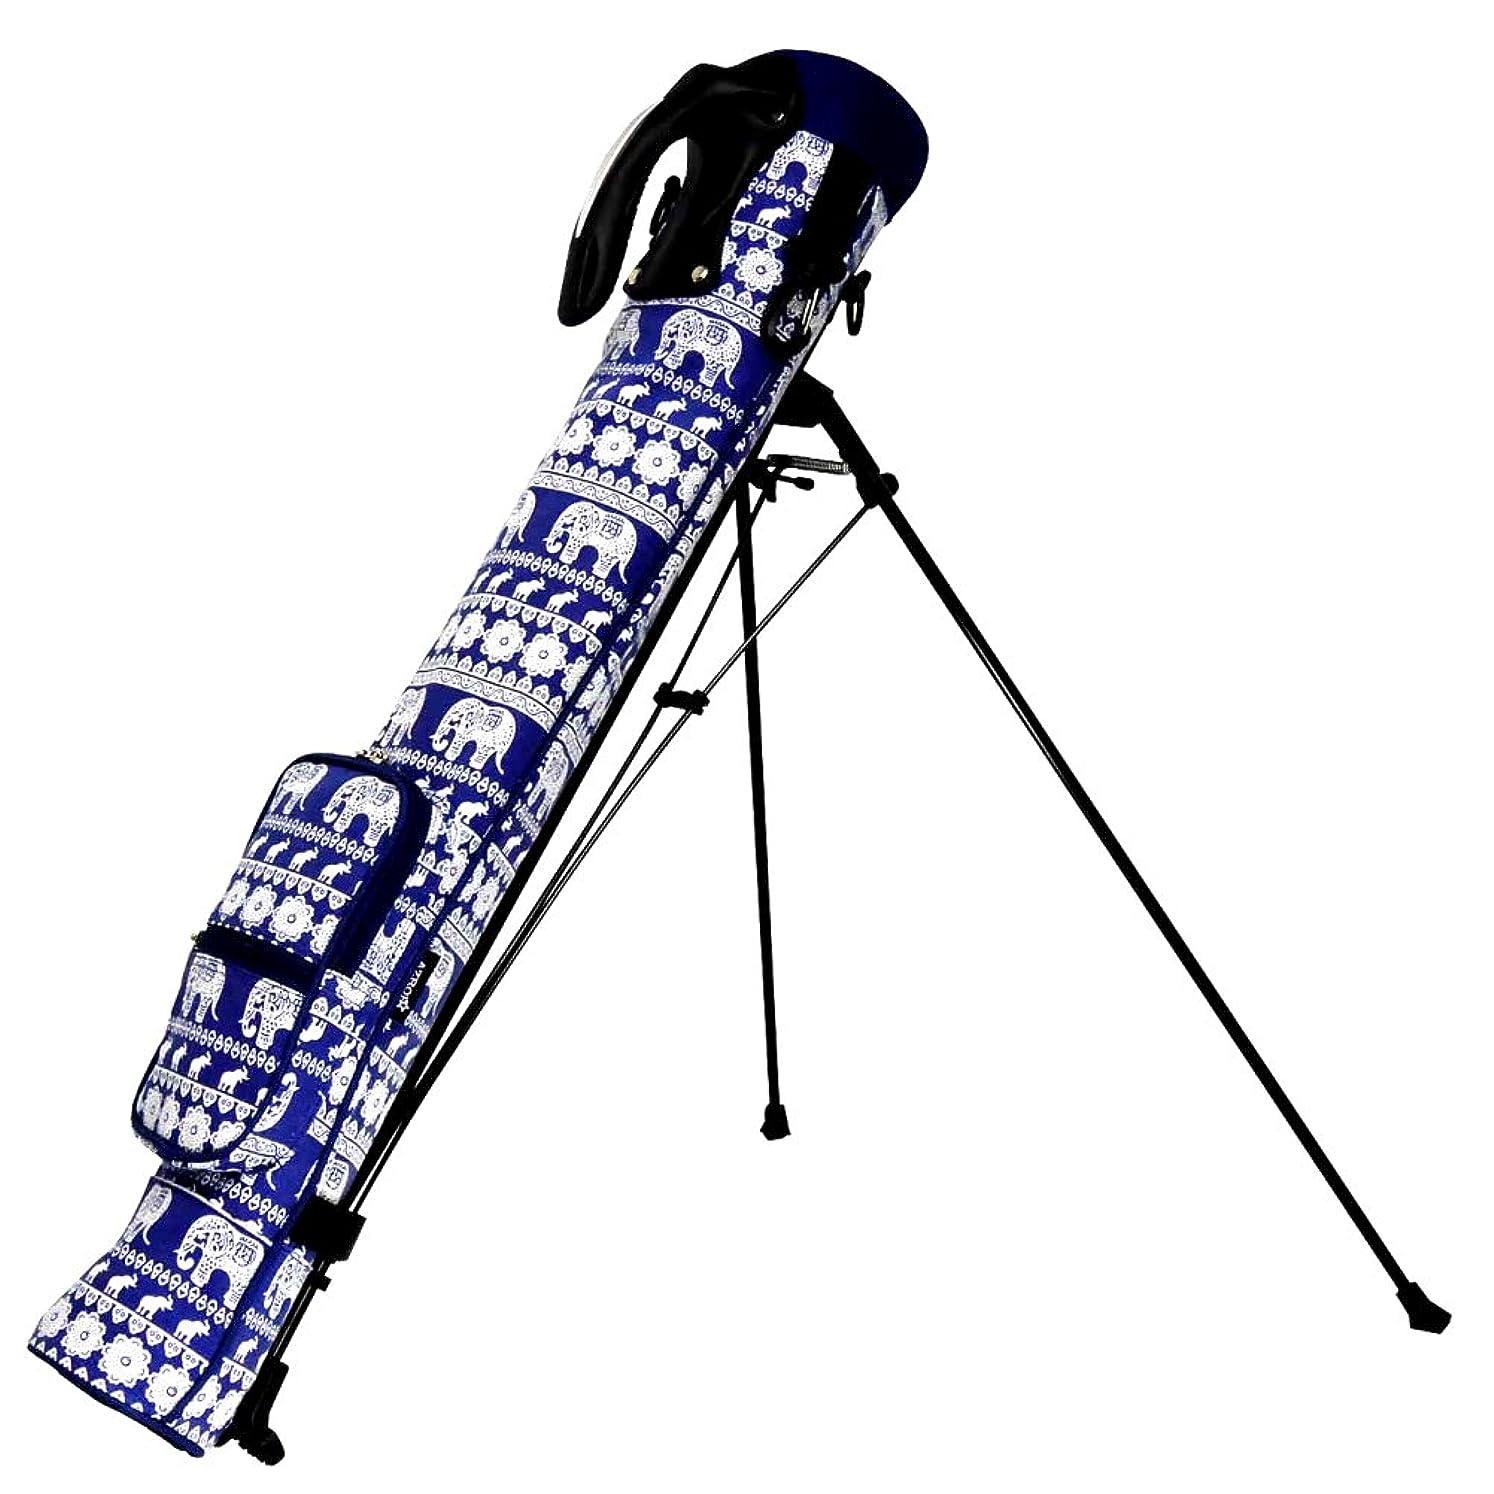 メッシュグリップ大騒ぎAZROF(アズロフ) クラブケース - スタンド式クラブケース 82:エスニックネイビー  16AZ-SSC02   全長:80cm